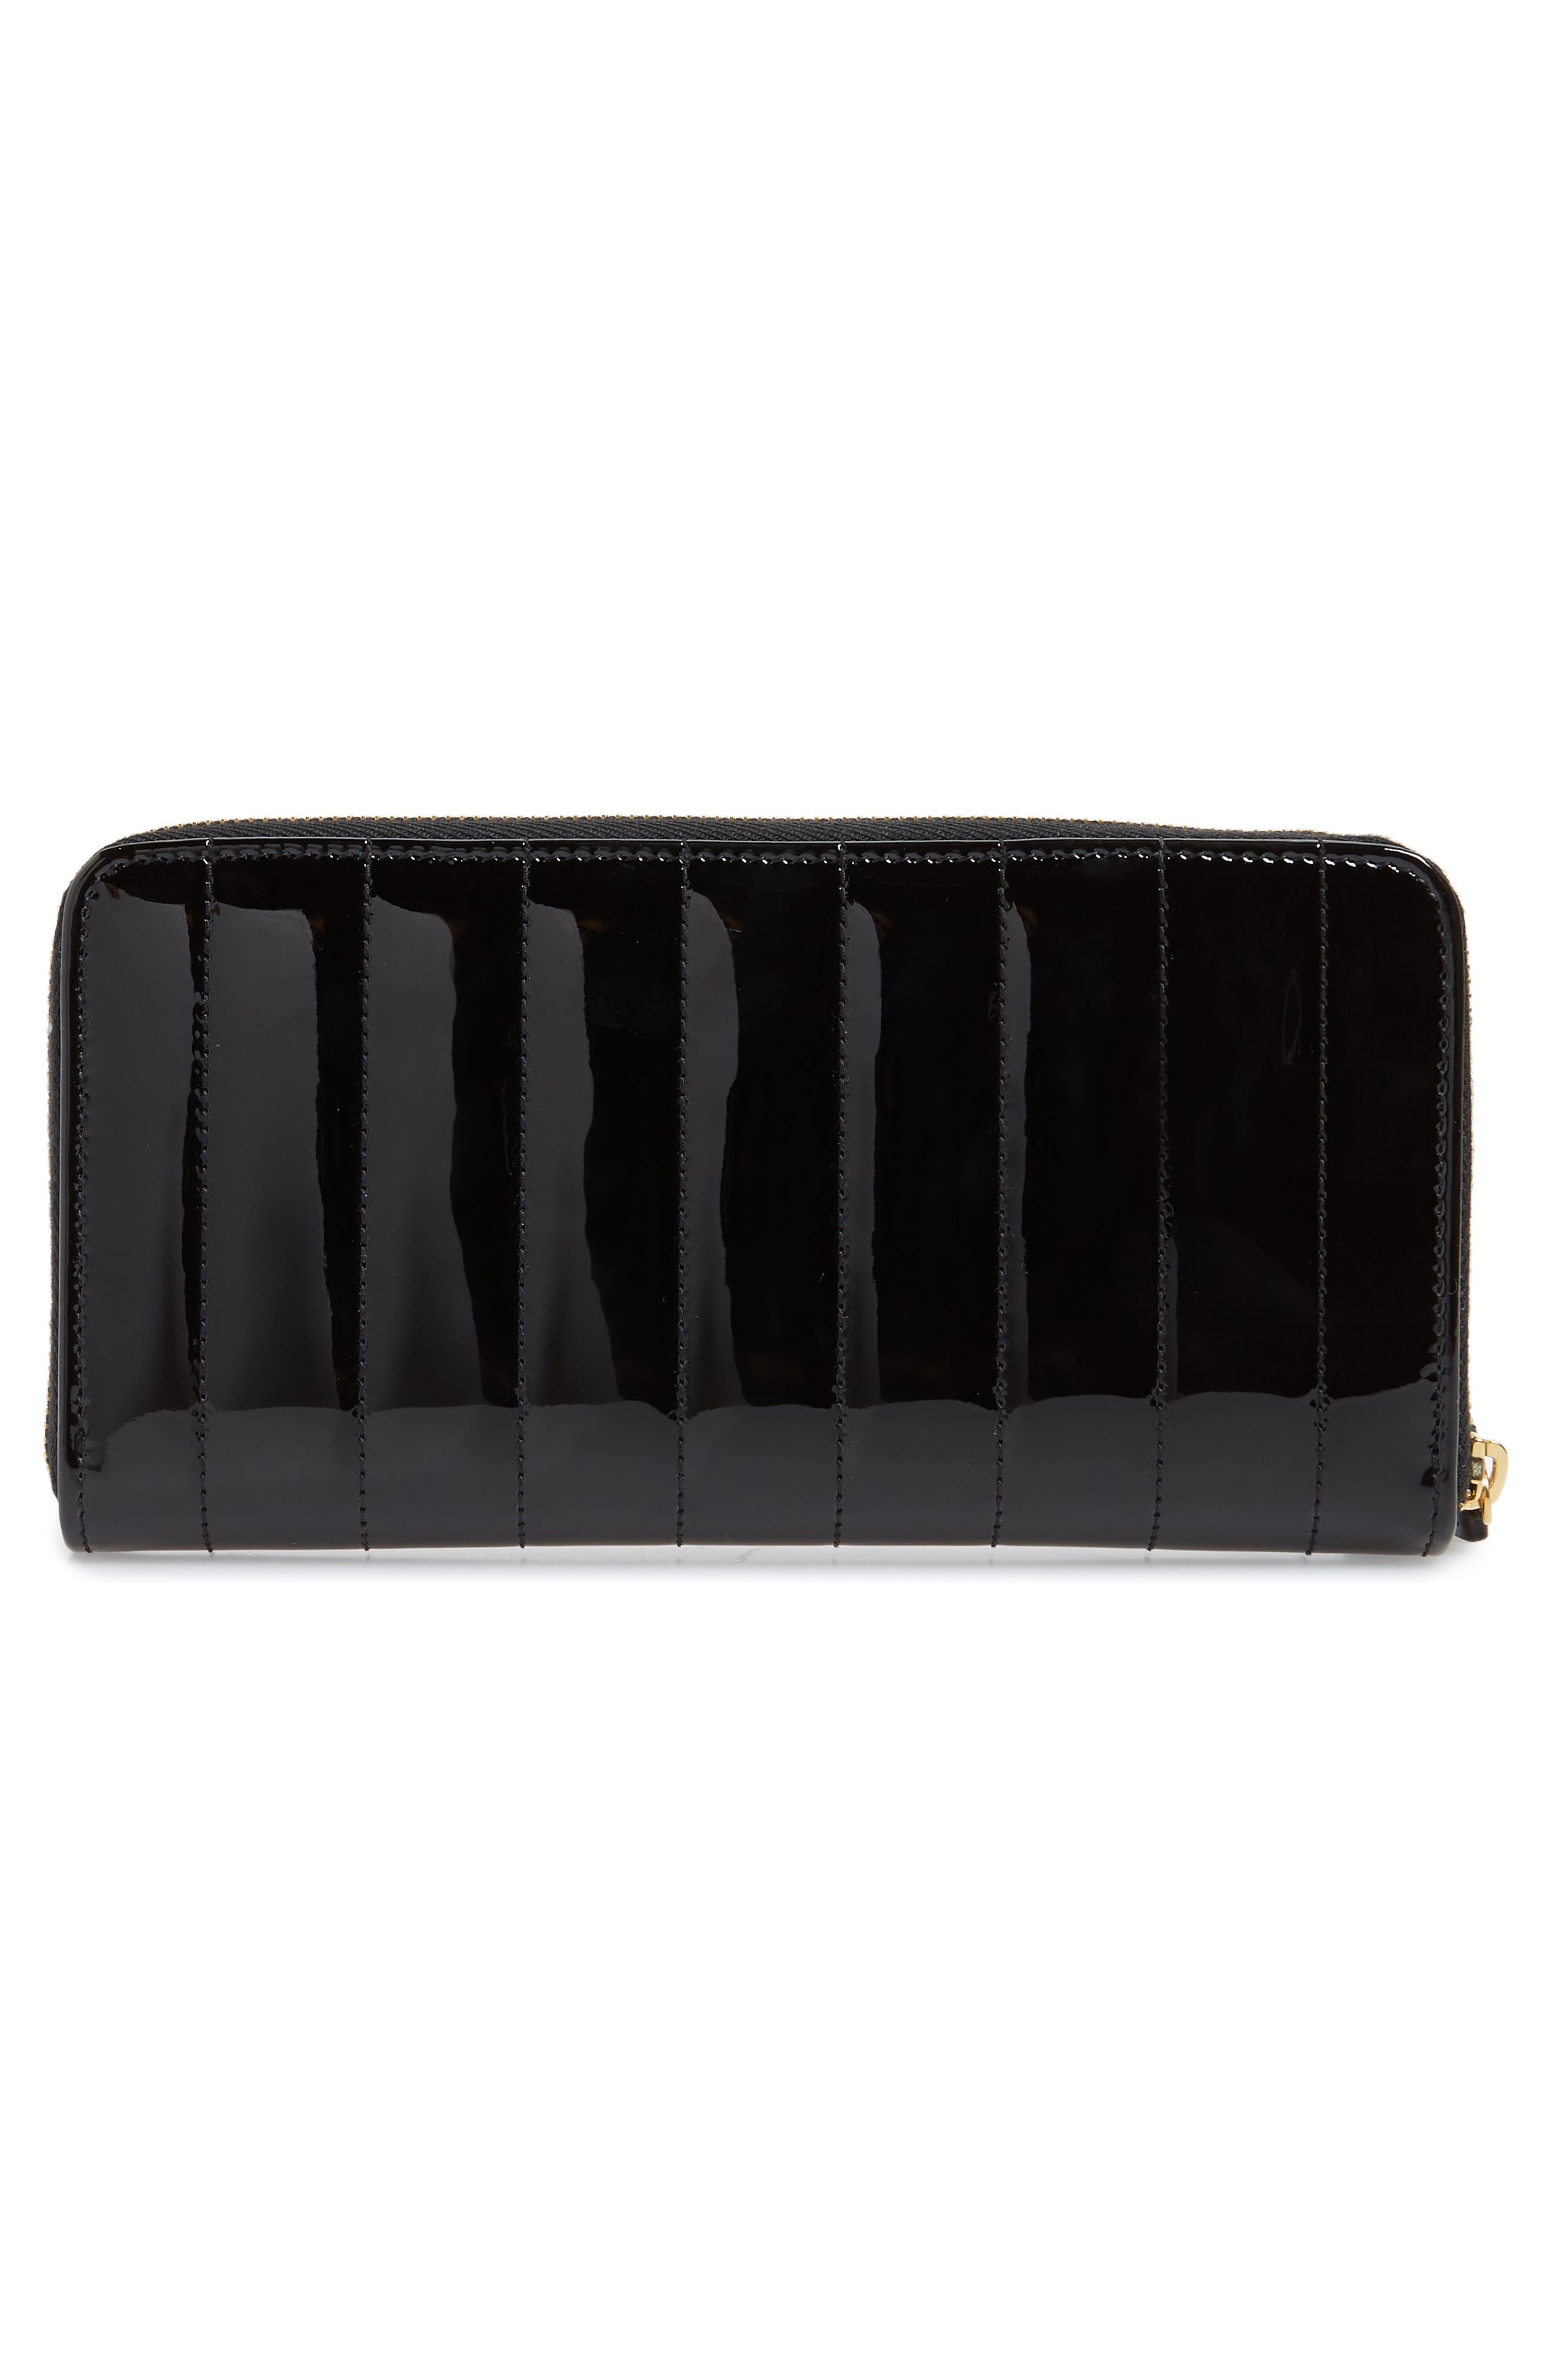 SAINT LAURENT,                             Vicky Patent Leather Zip Around Wallet,                             Alternate thumbnail 3, color,                             NOIR